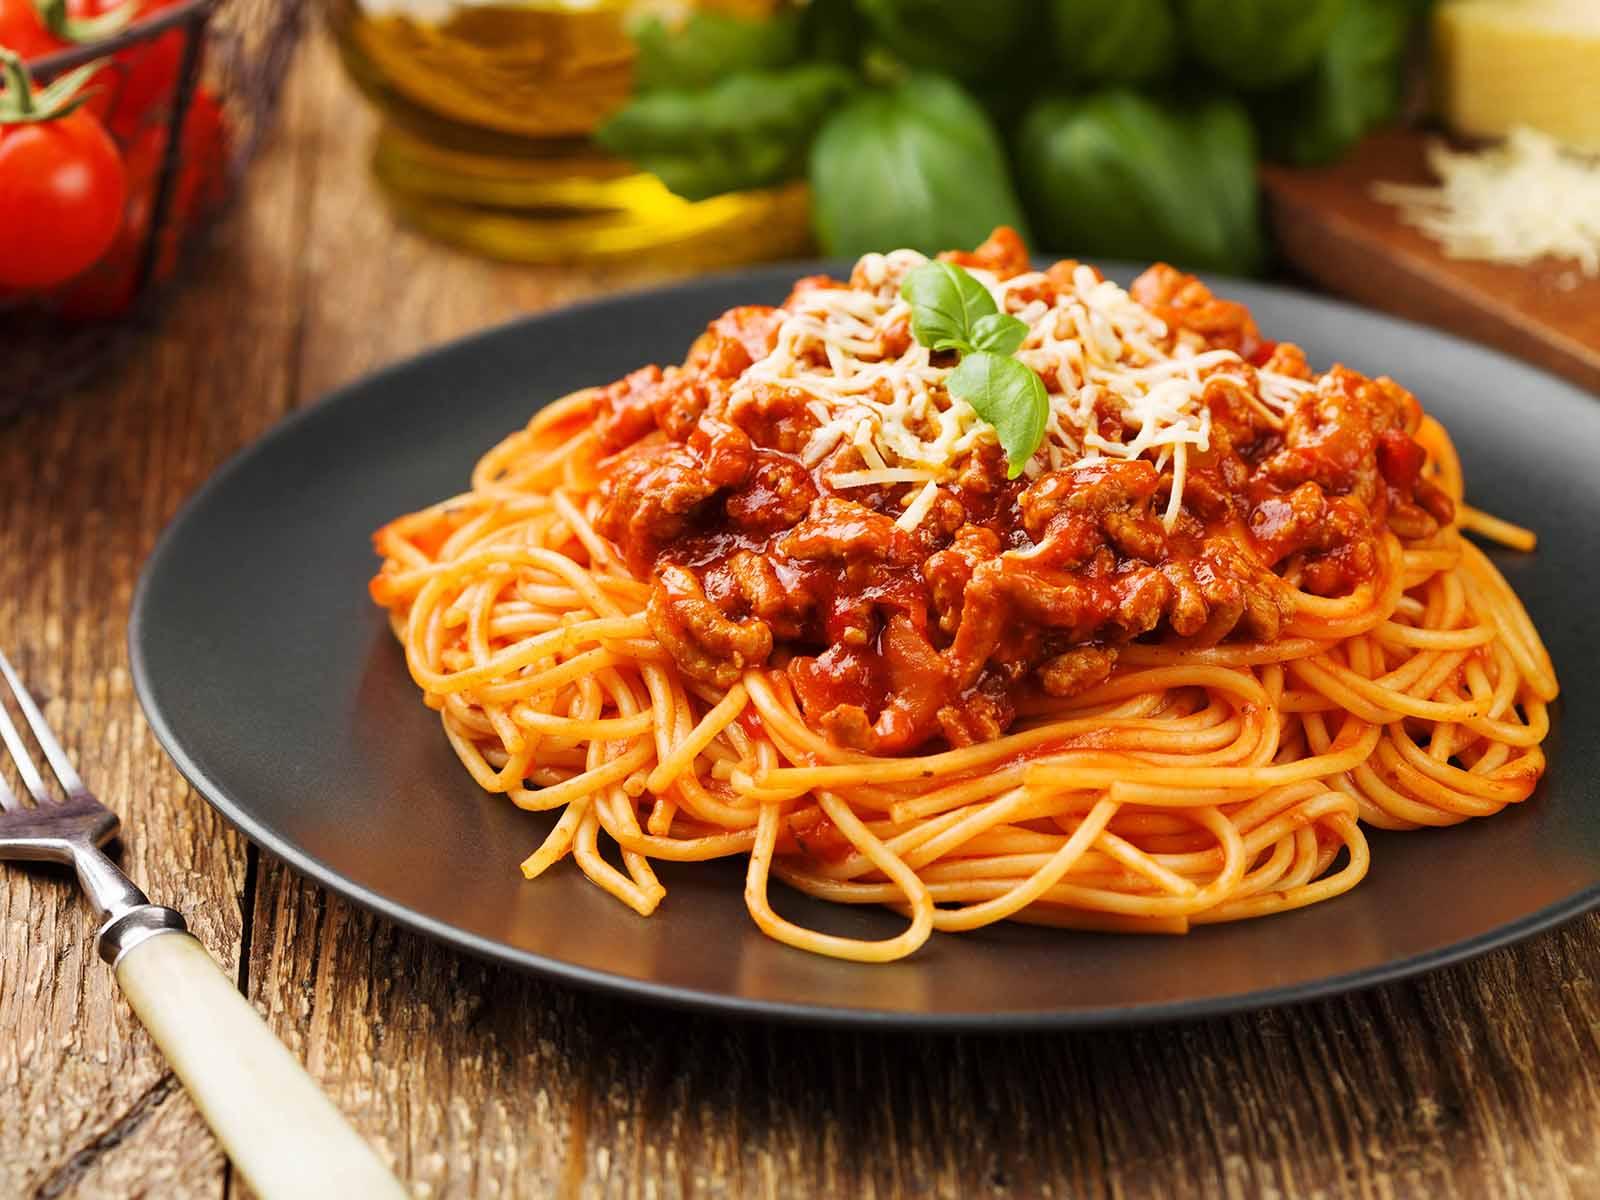 Nach der GV laden wir Sie zum Spaghetti-Essen ein.